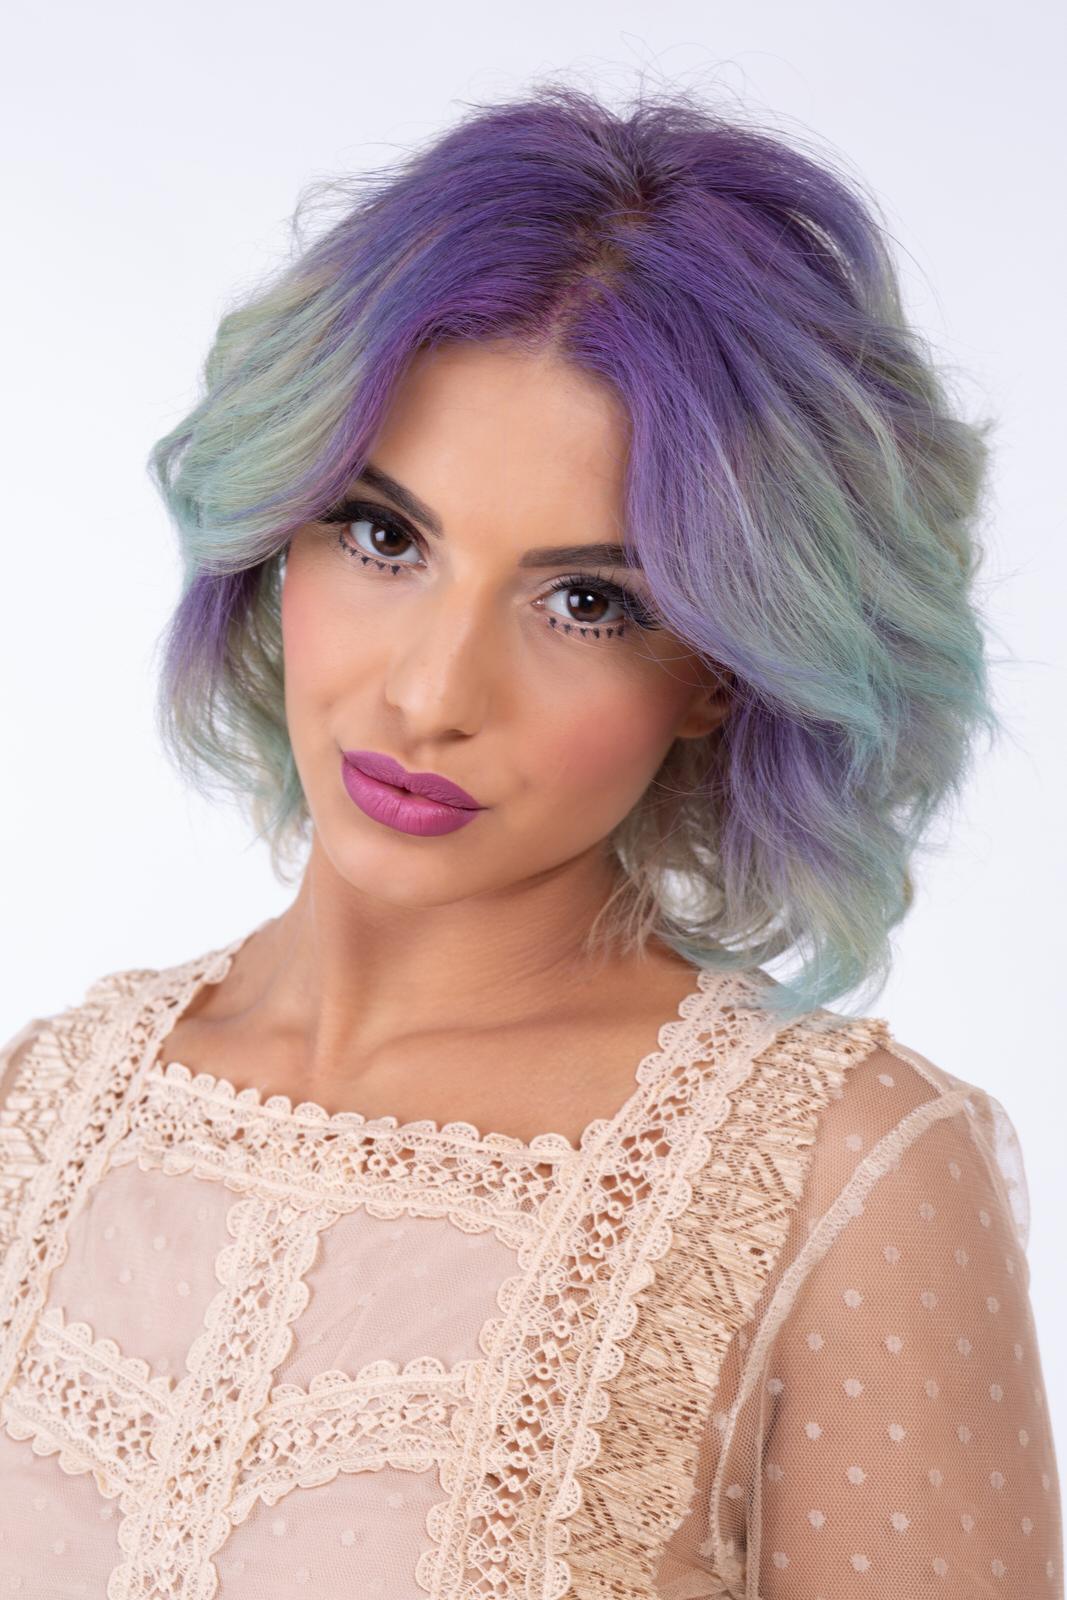 modella con acconciatura capelli viola e verde